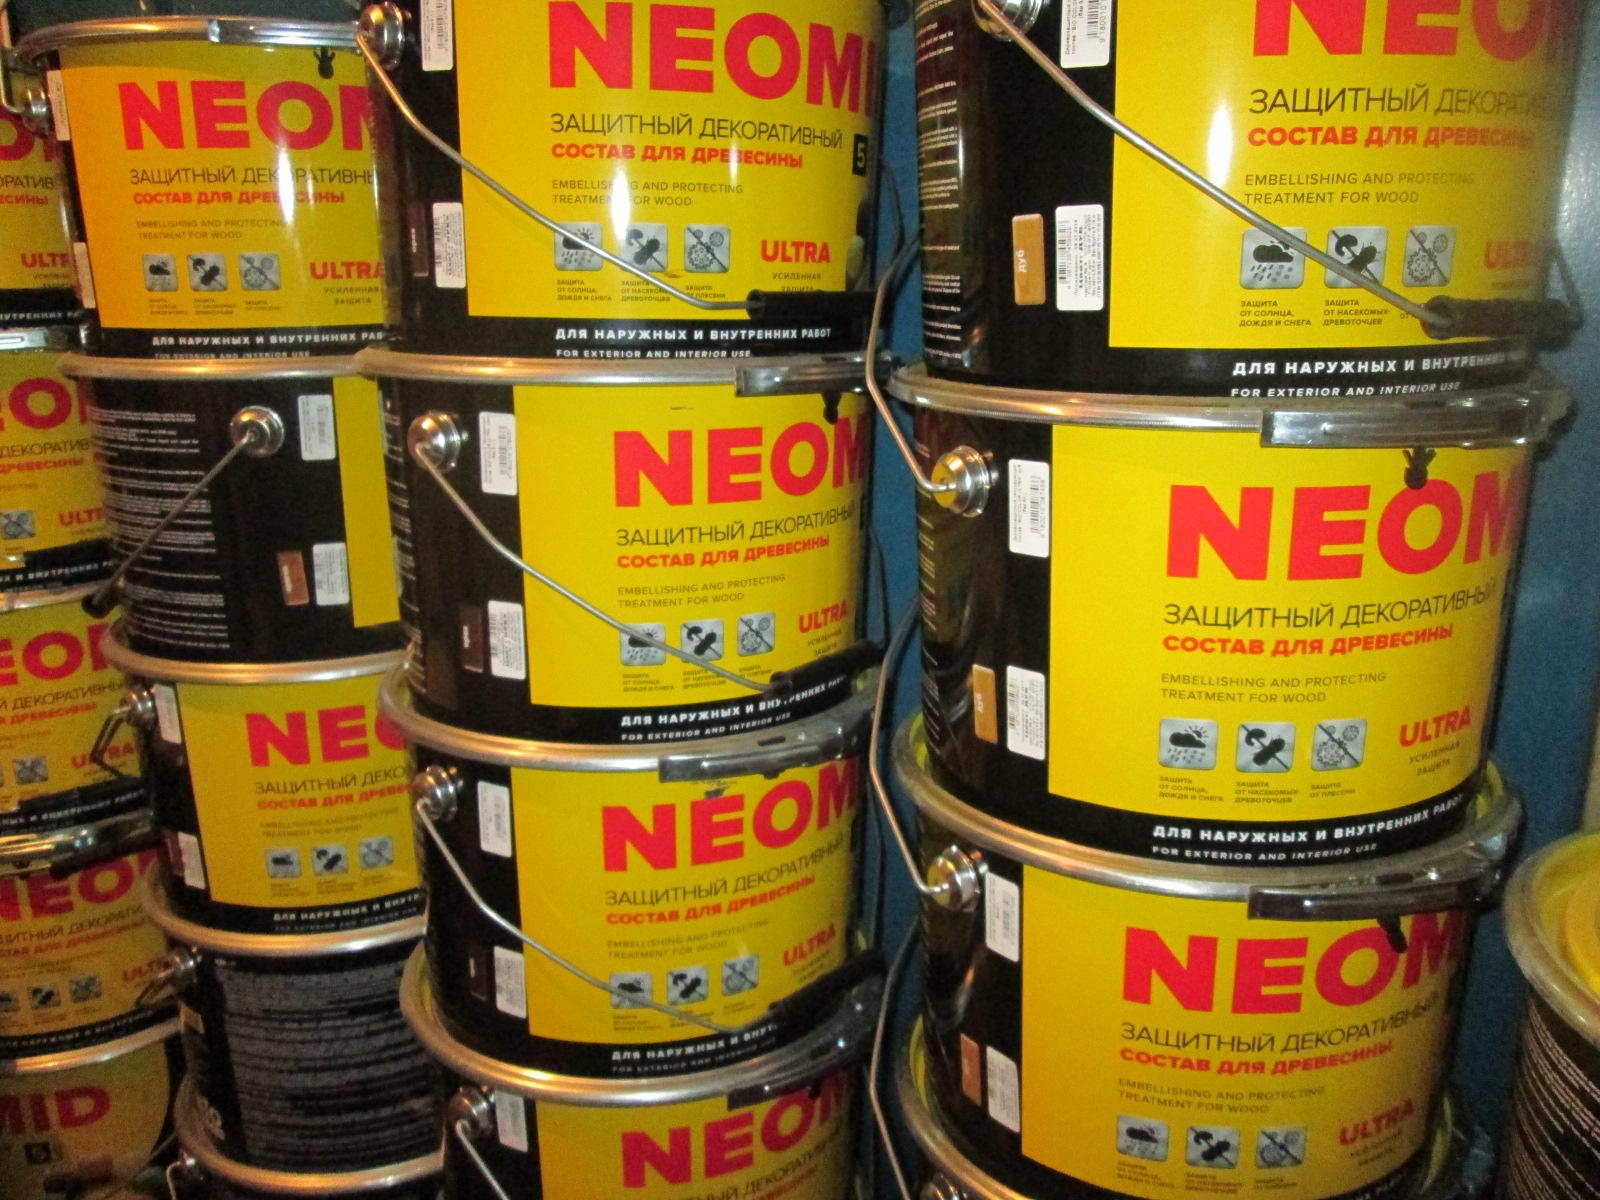 Неомид в Крыму Симферополе — антисептики, герметики и цены